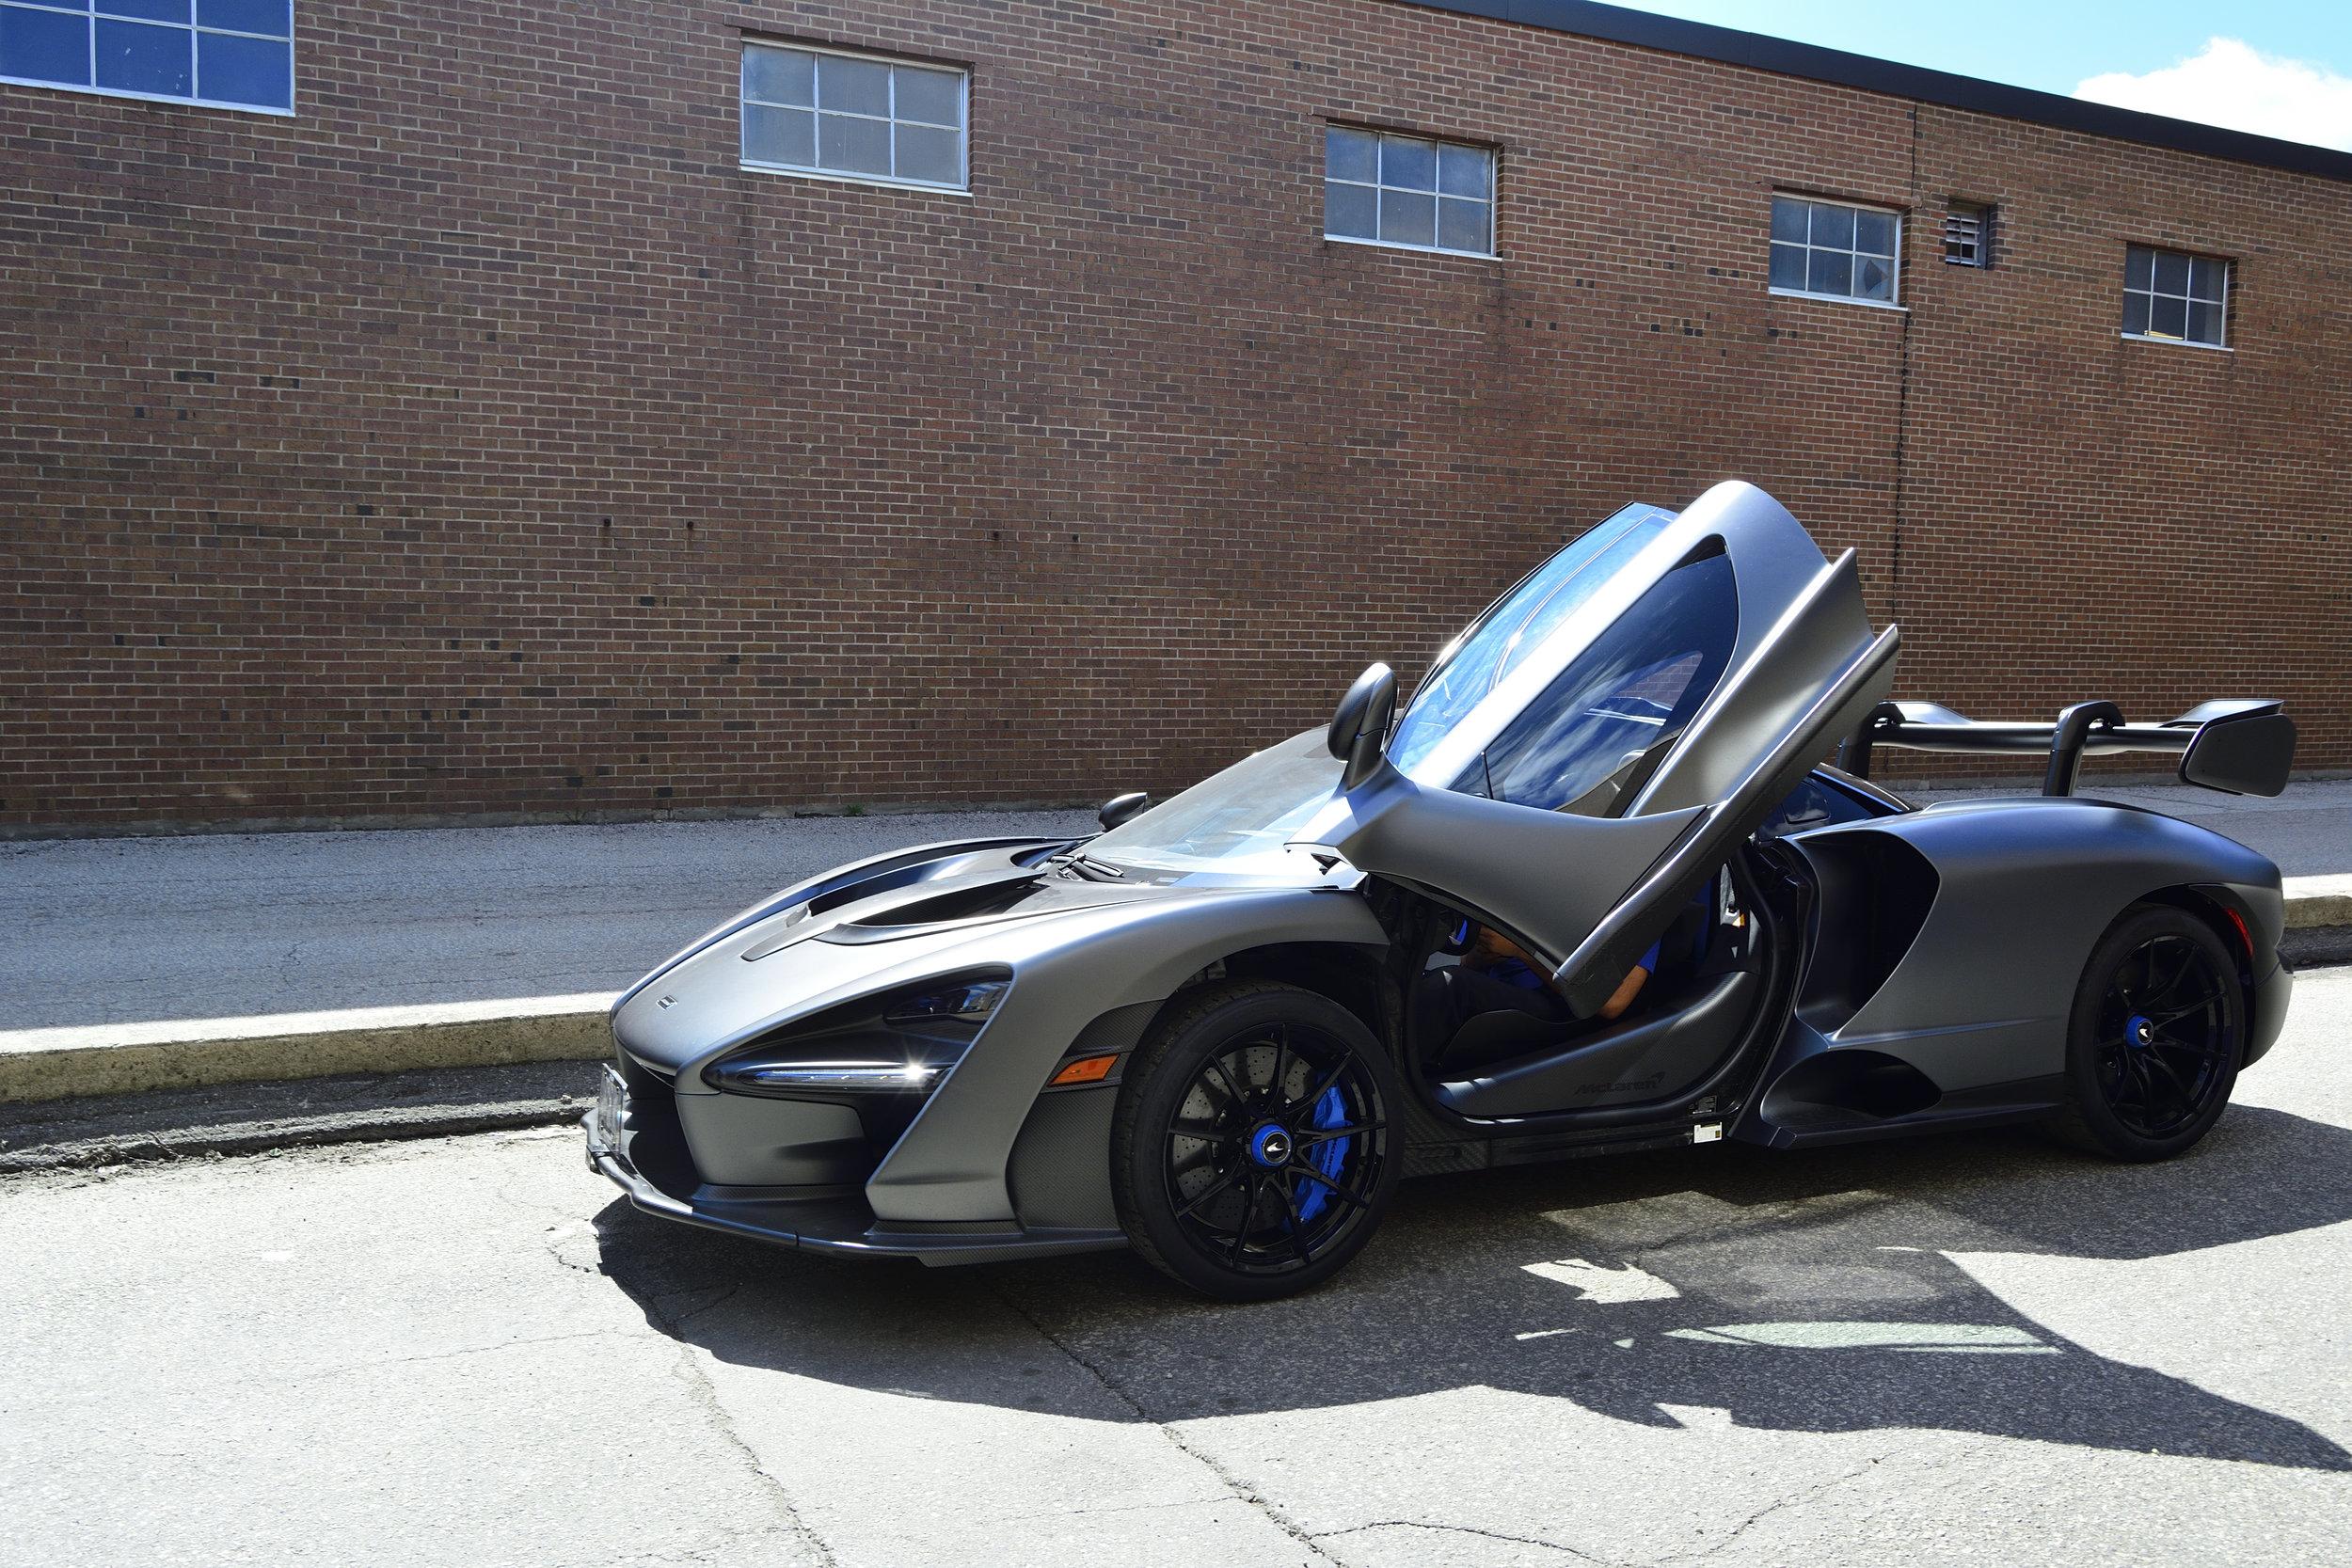 McLaren_042019 (1 of 1)_00001.jpg